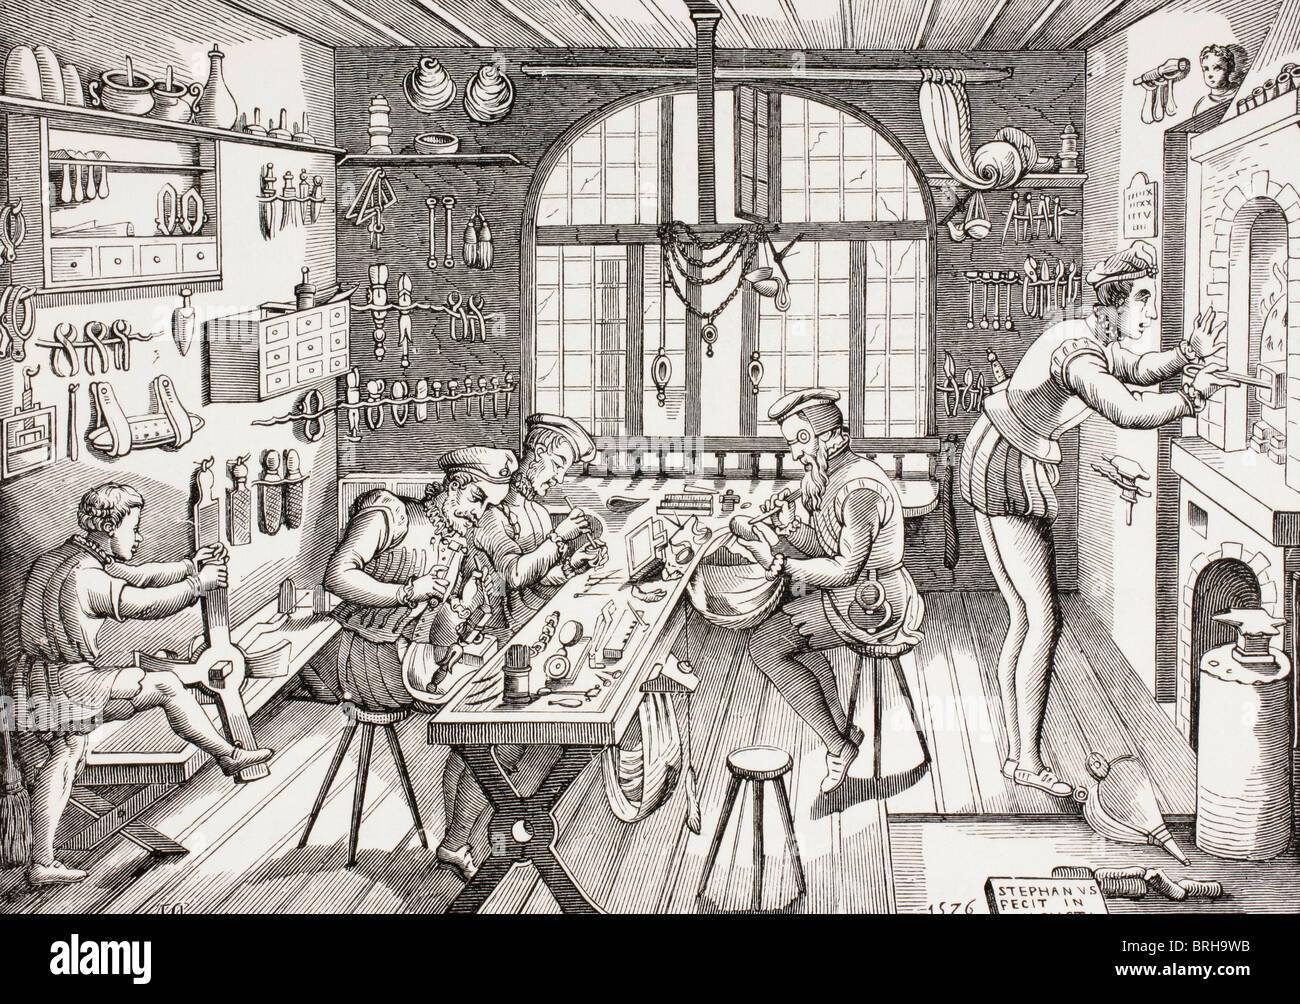 Étienne Delaune, französischer Goldschmied, c. 1519-1583. Interieur von seiner Werkstatt. Stockbild